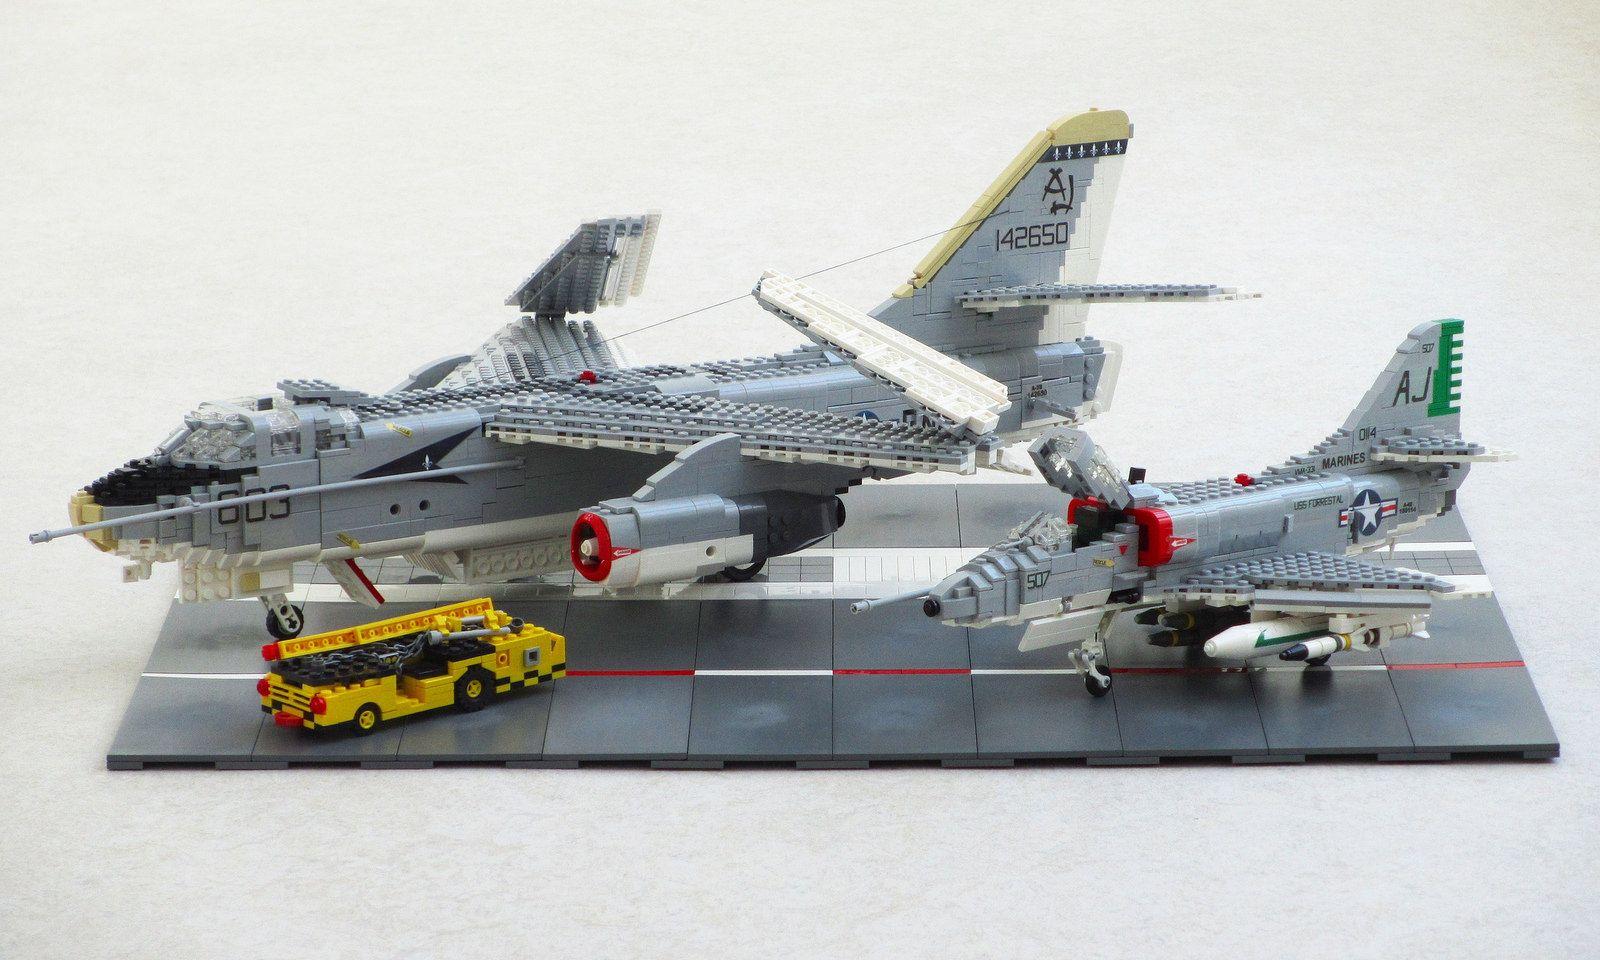 A 4 Skyhawk For Sale >> A 3 Skywarrior And A 4 Skyhawk Lego Military Lego Kits